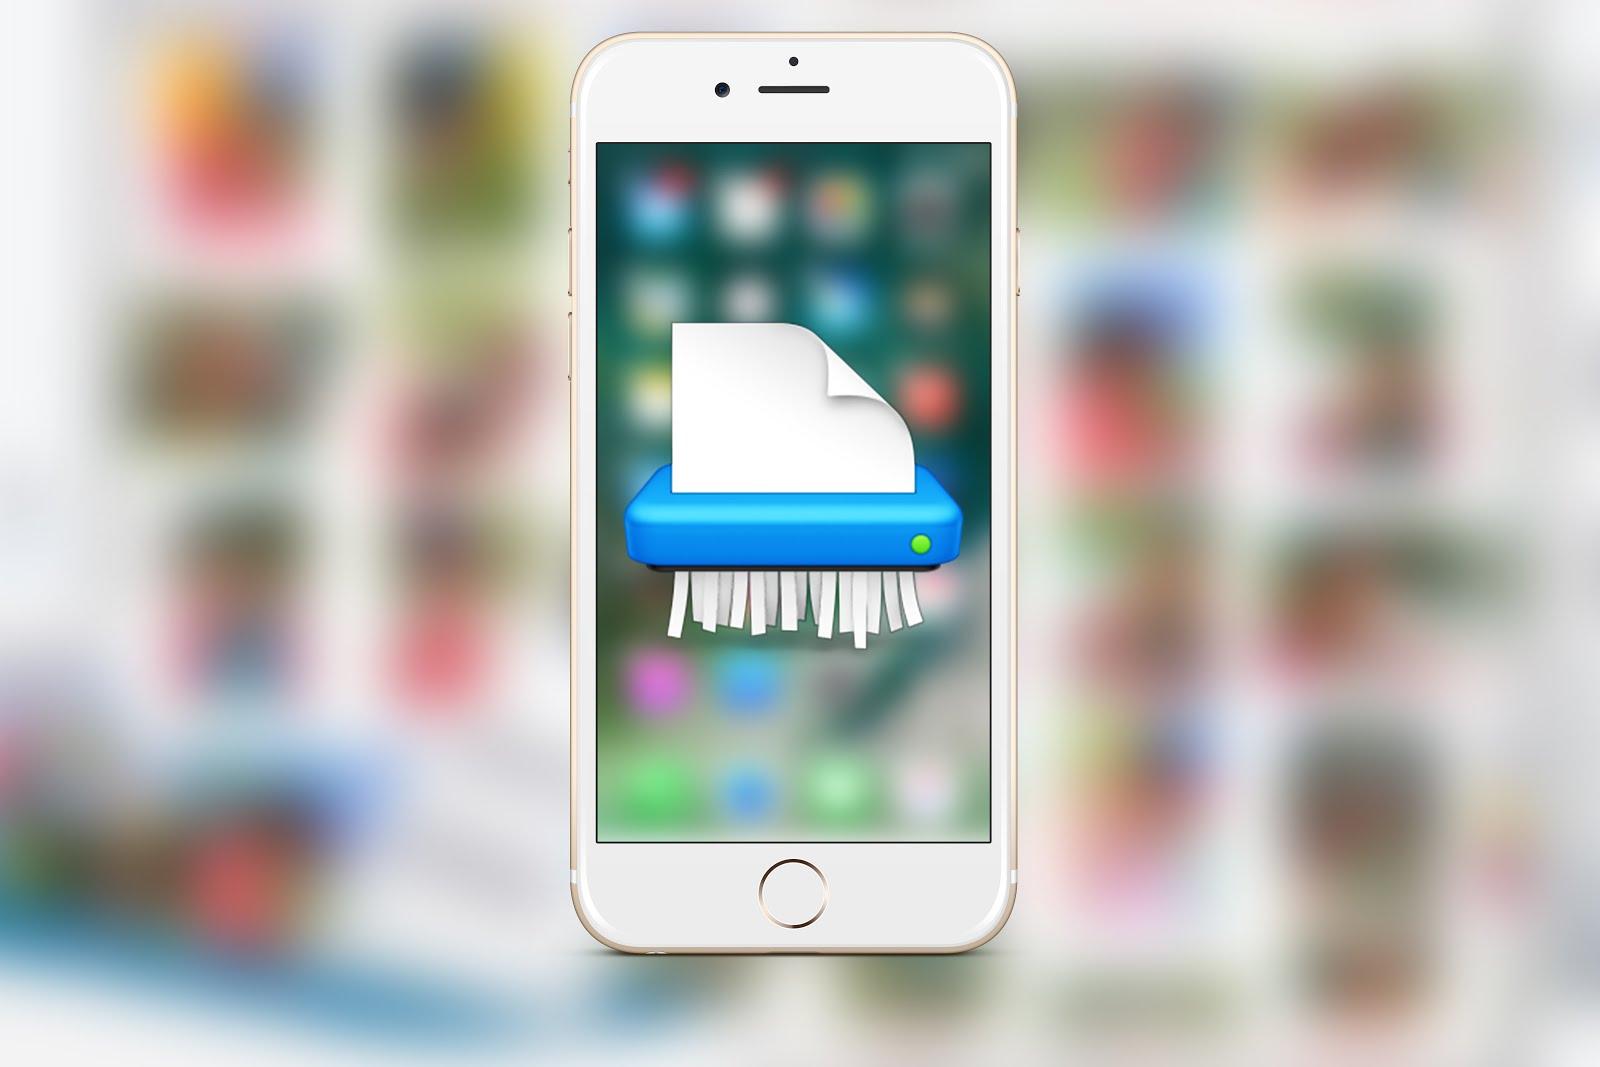 احذف بياناتك من هاتفك الخاص بشكل آمن مع iMyFone Umate Pro